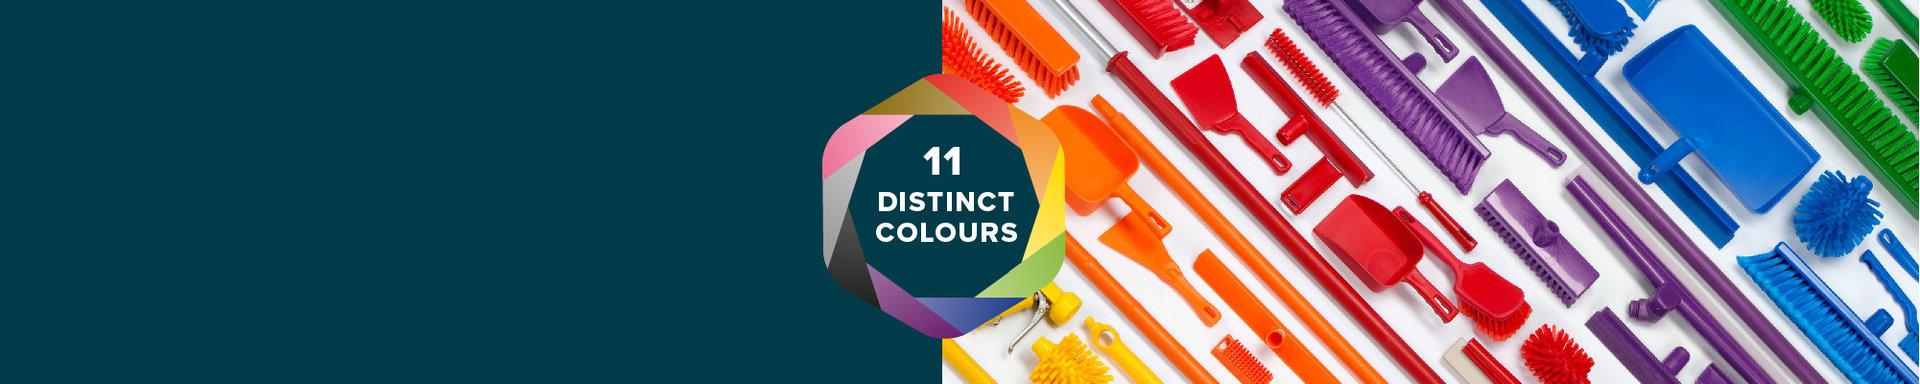 """<span style=""""color:#2e9e46"""">Over 3,600 <br> utensil options"""